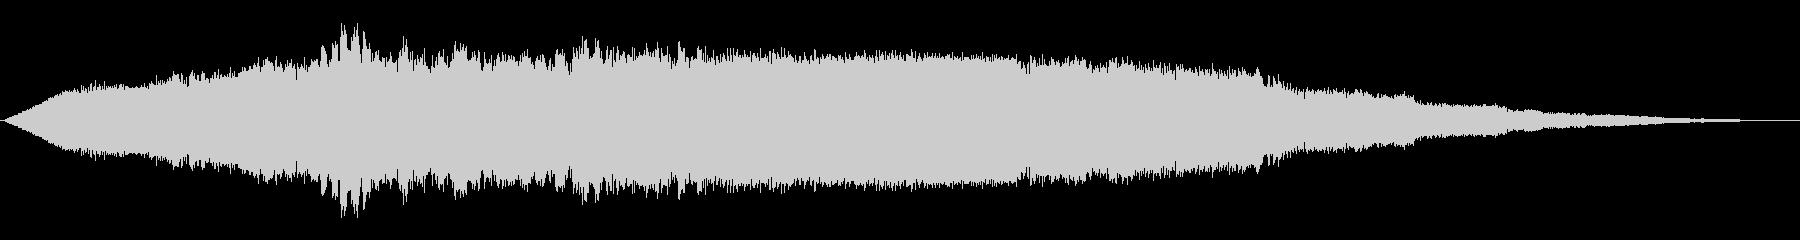 ワープフィールド5の未再生の波形